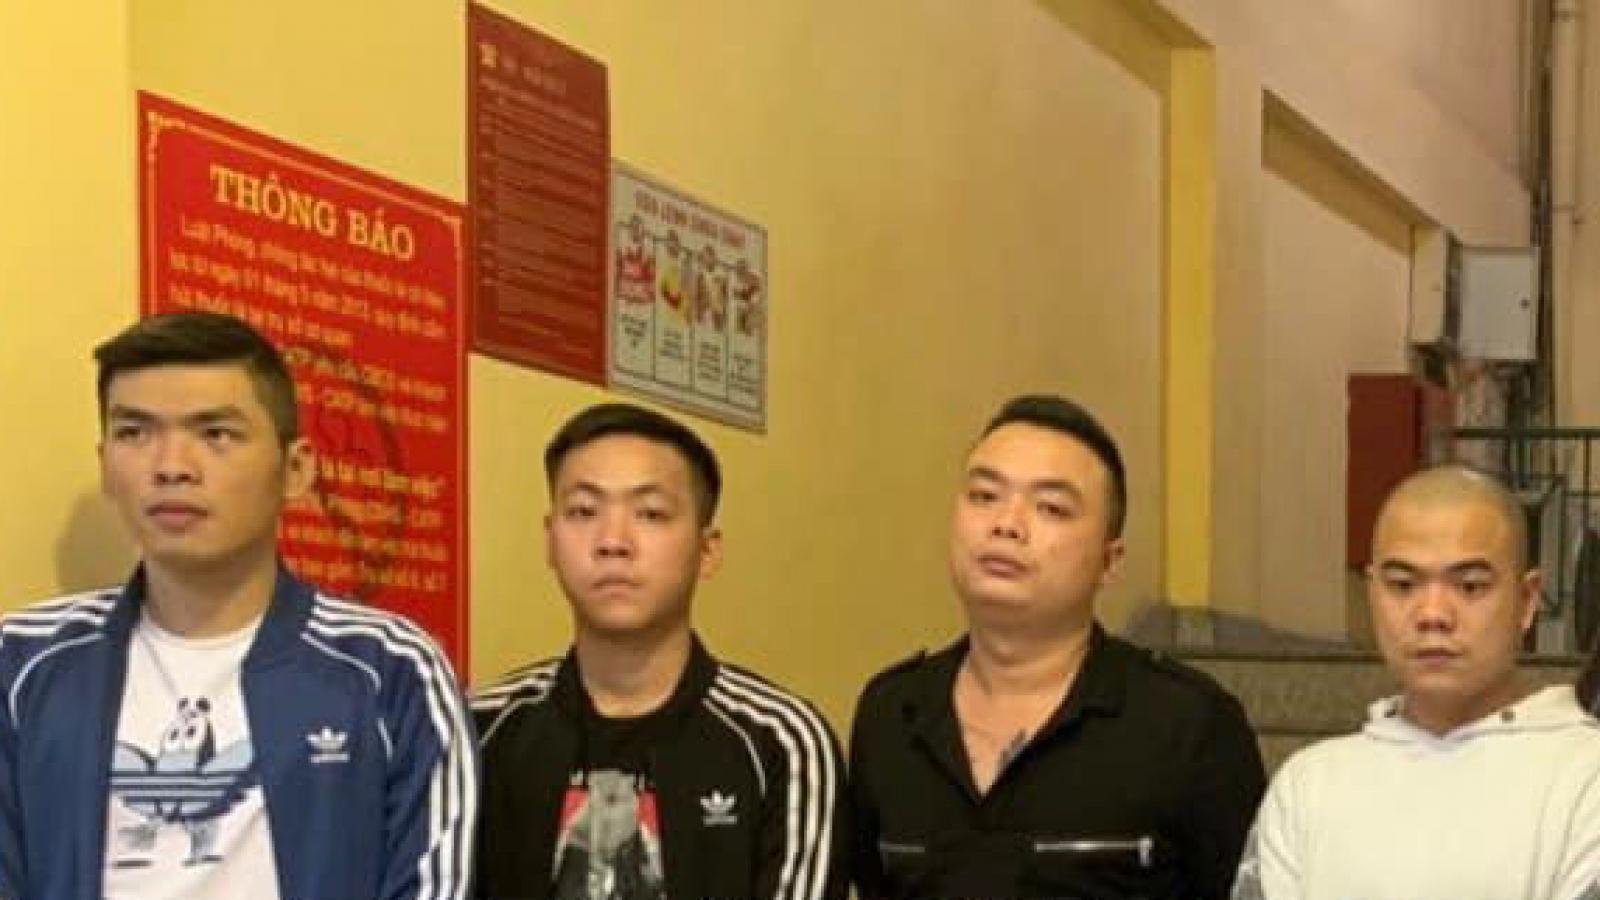 Triệt phá ổ nhóm cho vay nặng lãi có đến 200 người tham gia ở Hà Nội